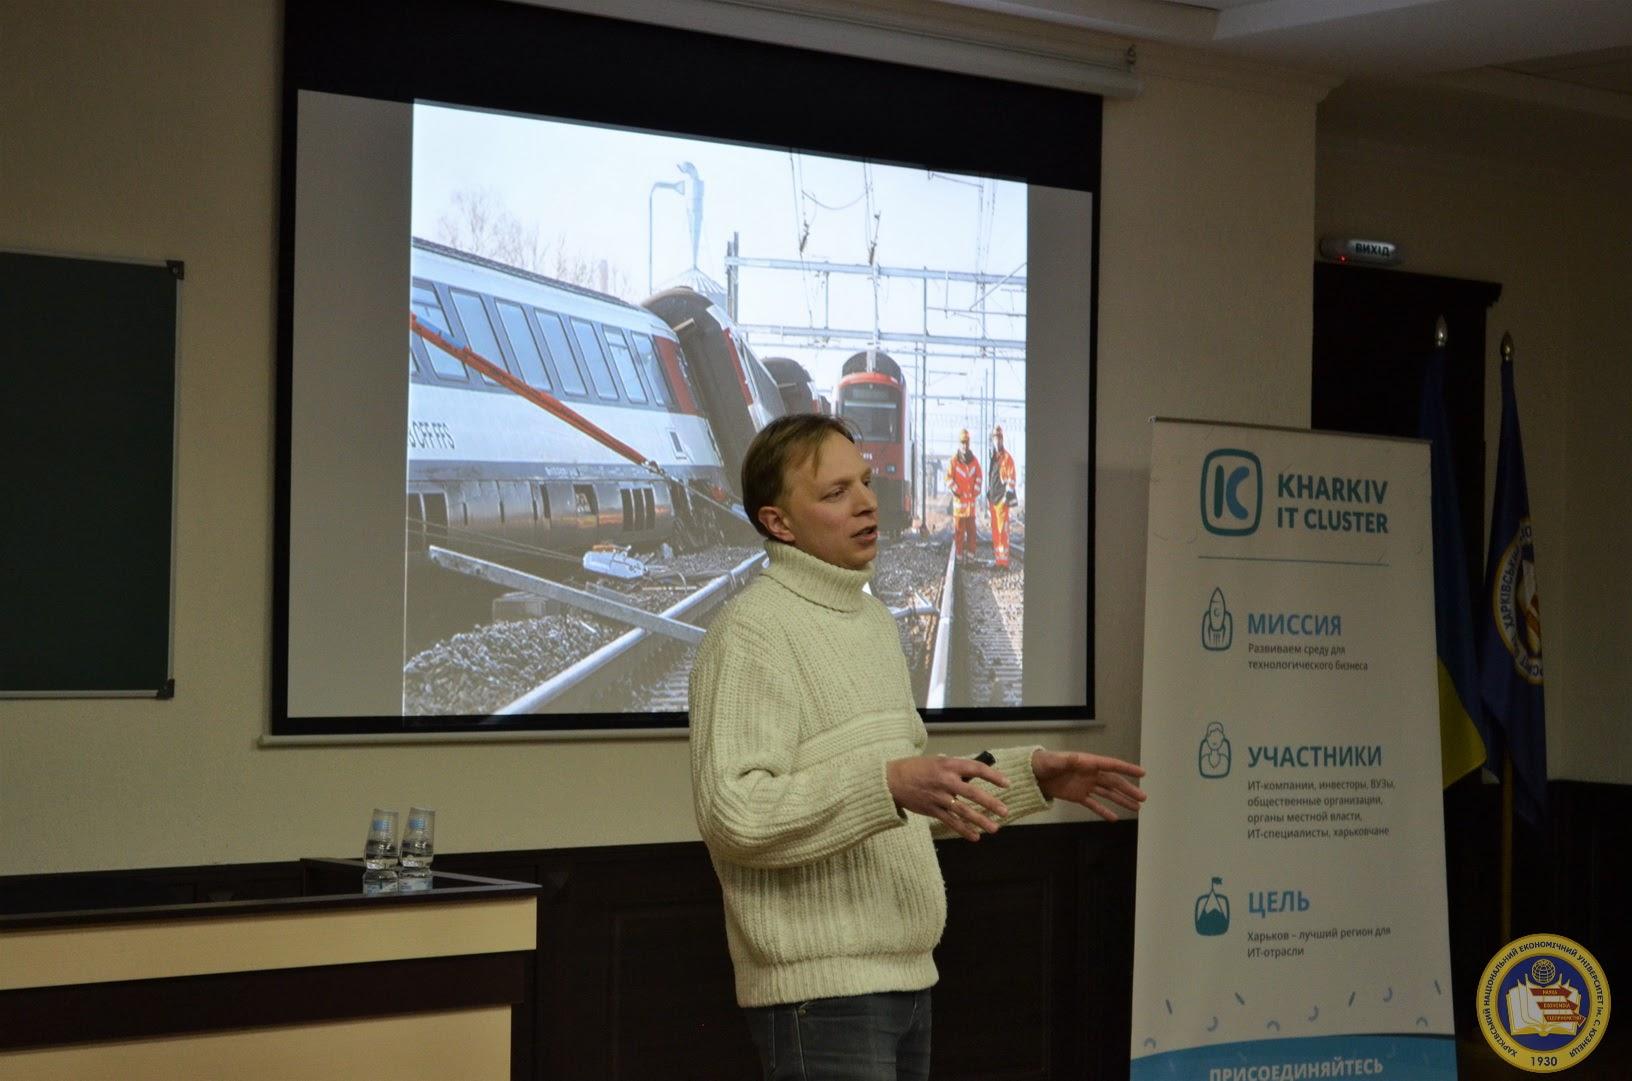 DSC_0077 Харківський  IT Кластер провів зустріч для студентів, які хочуть запустити стартап